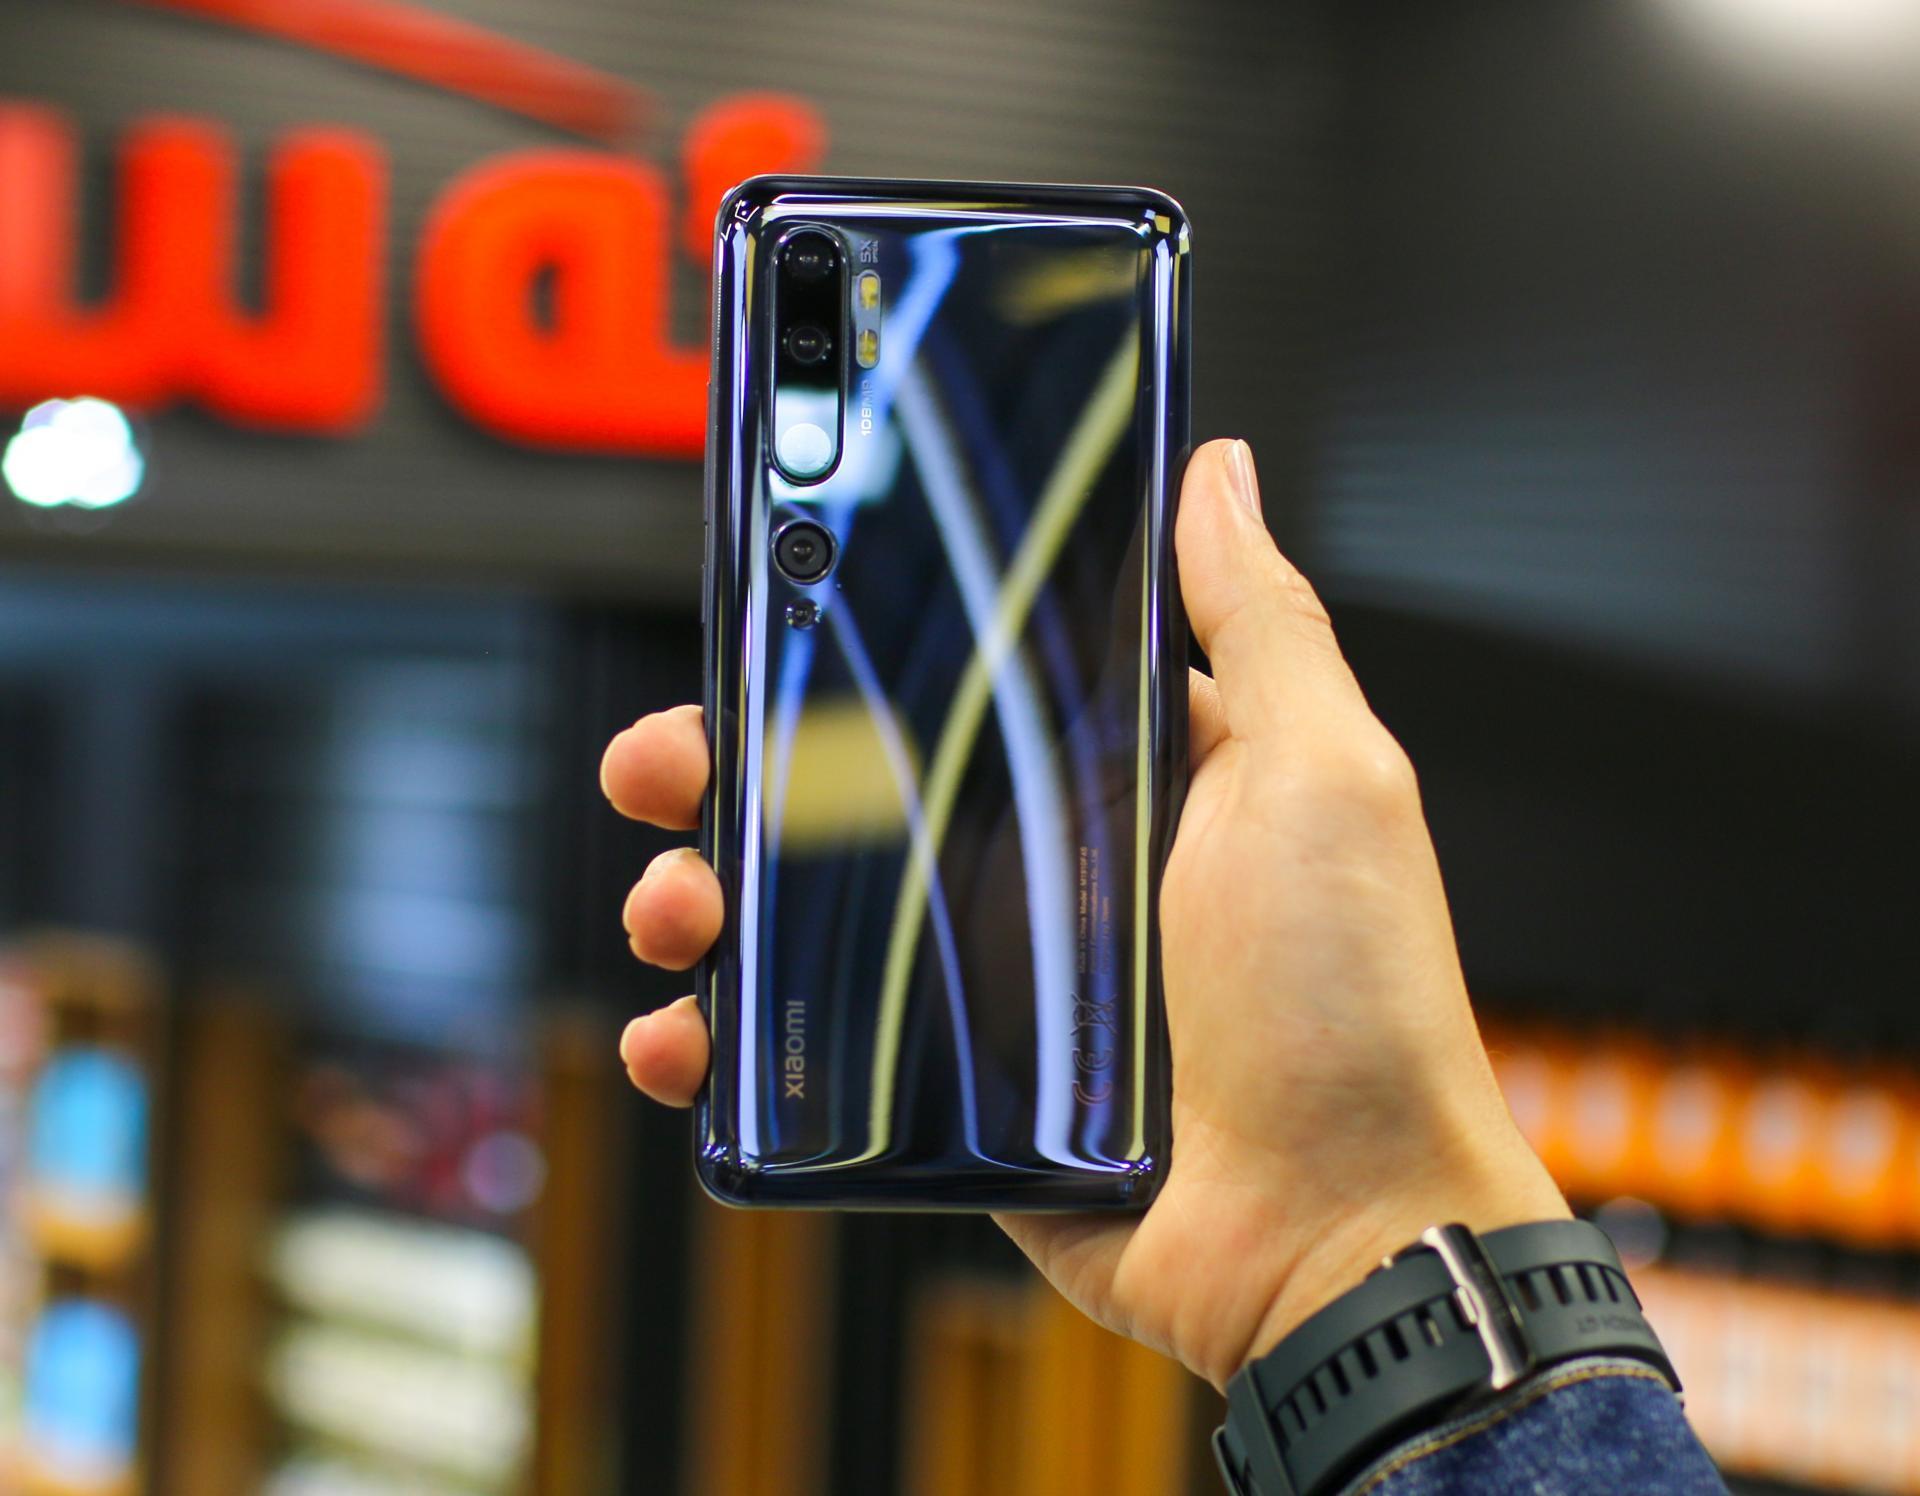 НеSamsung или Apple, аXiaomi перетянула насебя покупателей Huawei